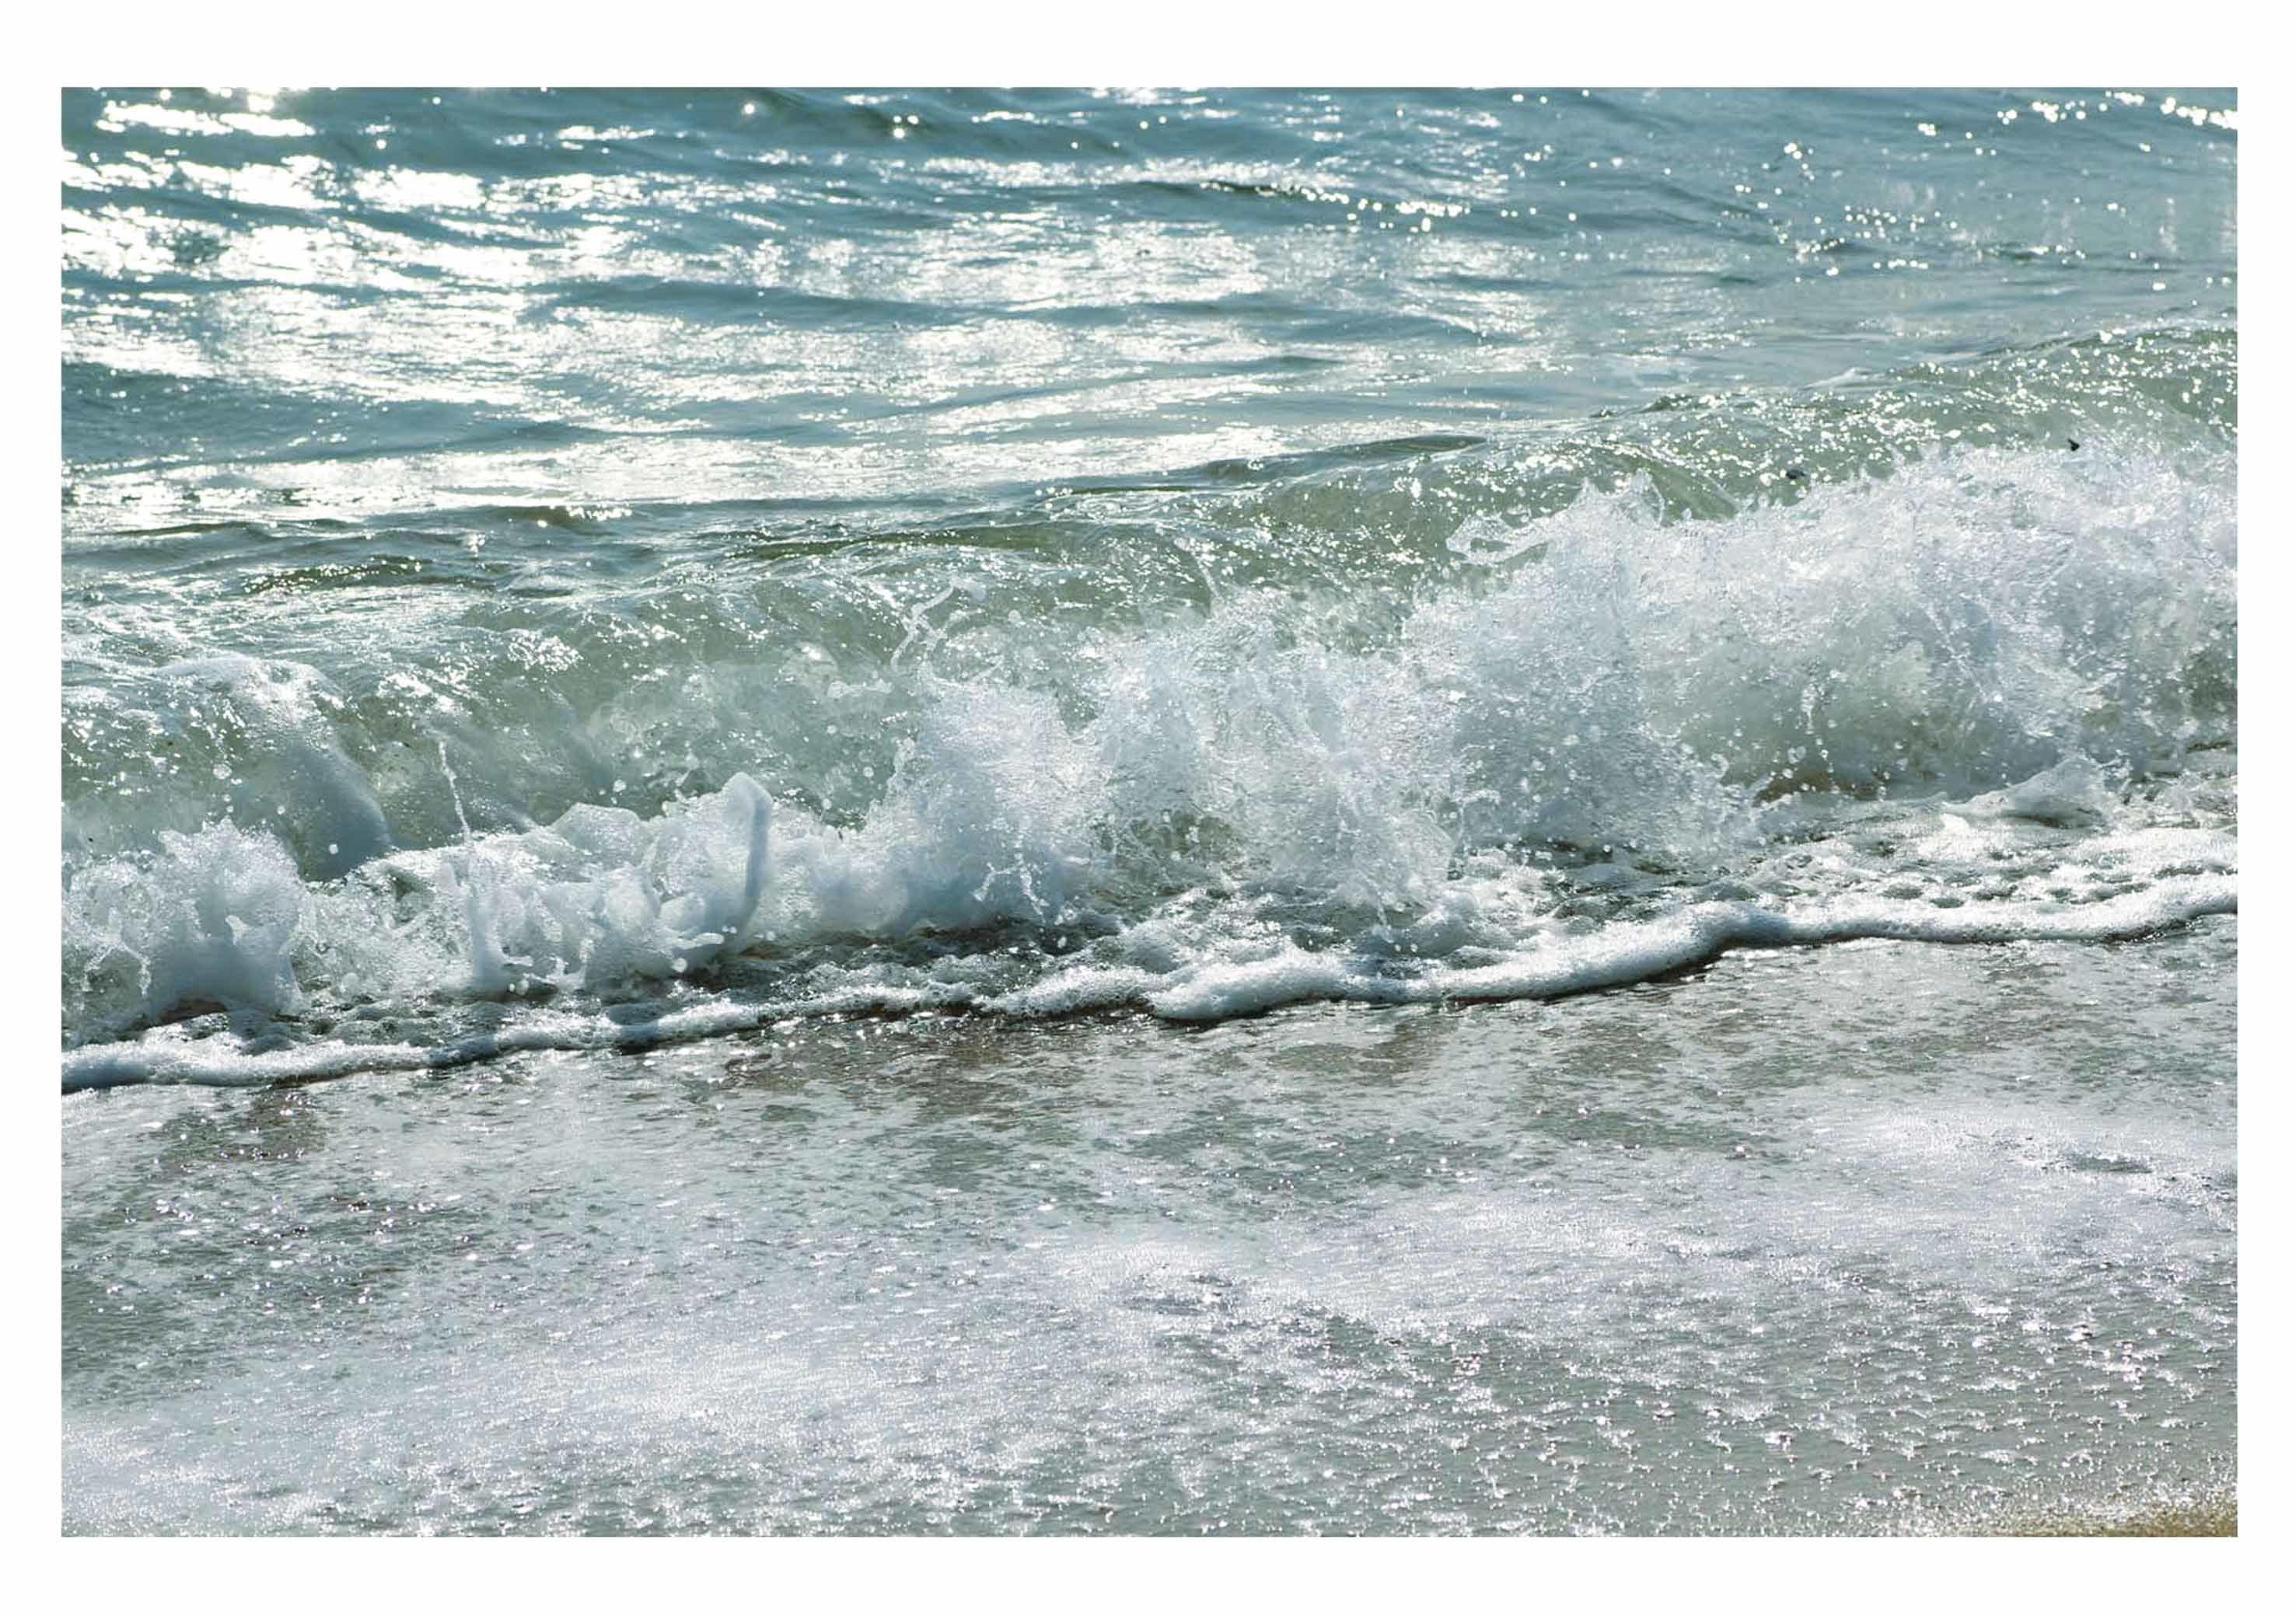 うち寄せる波